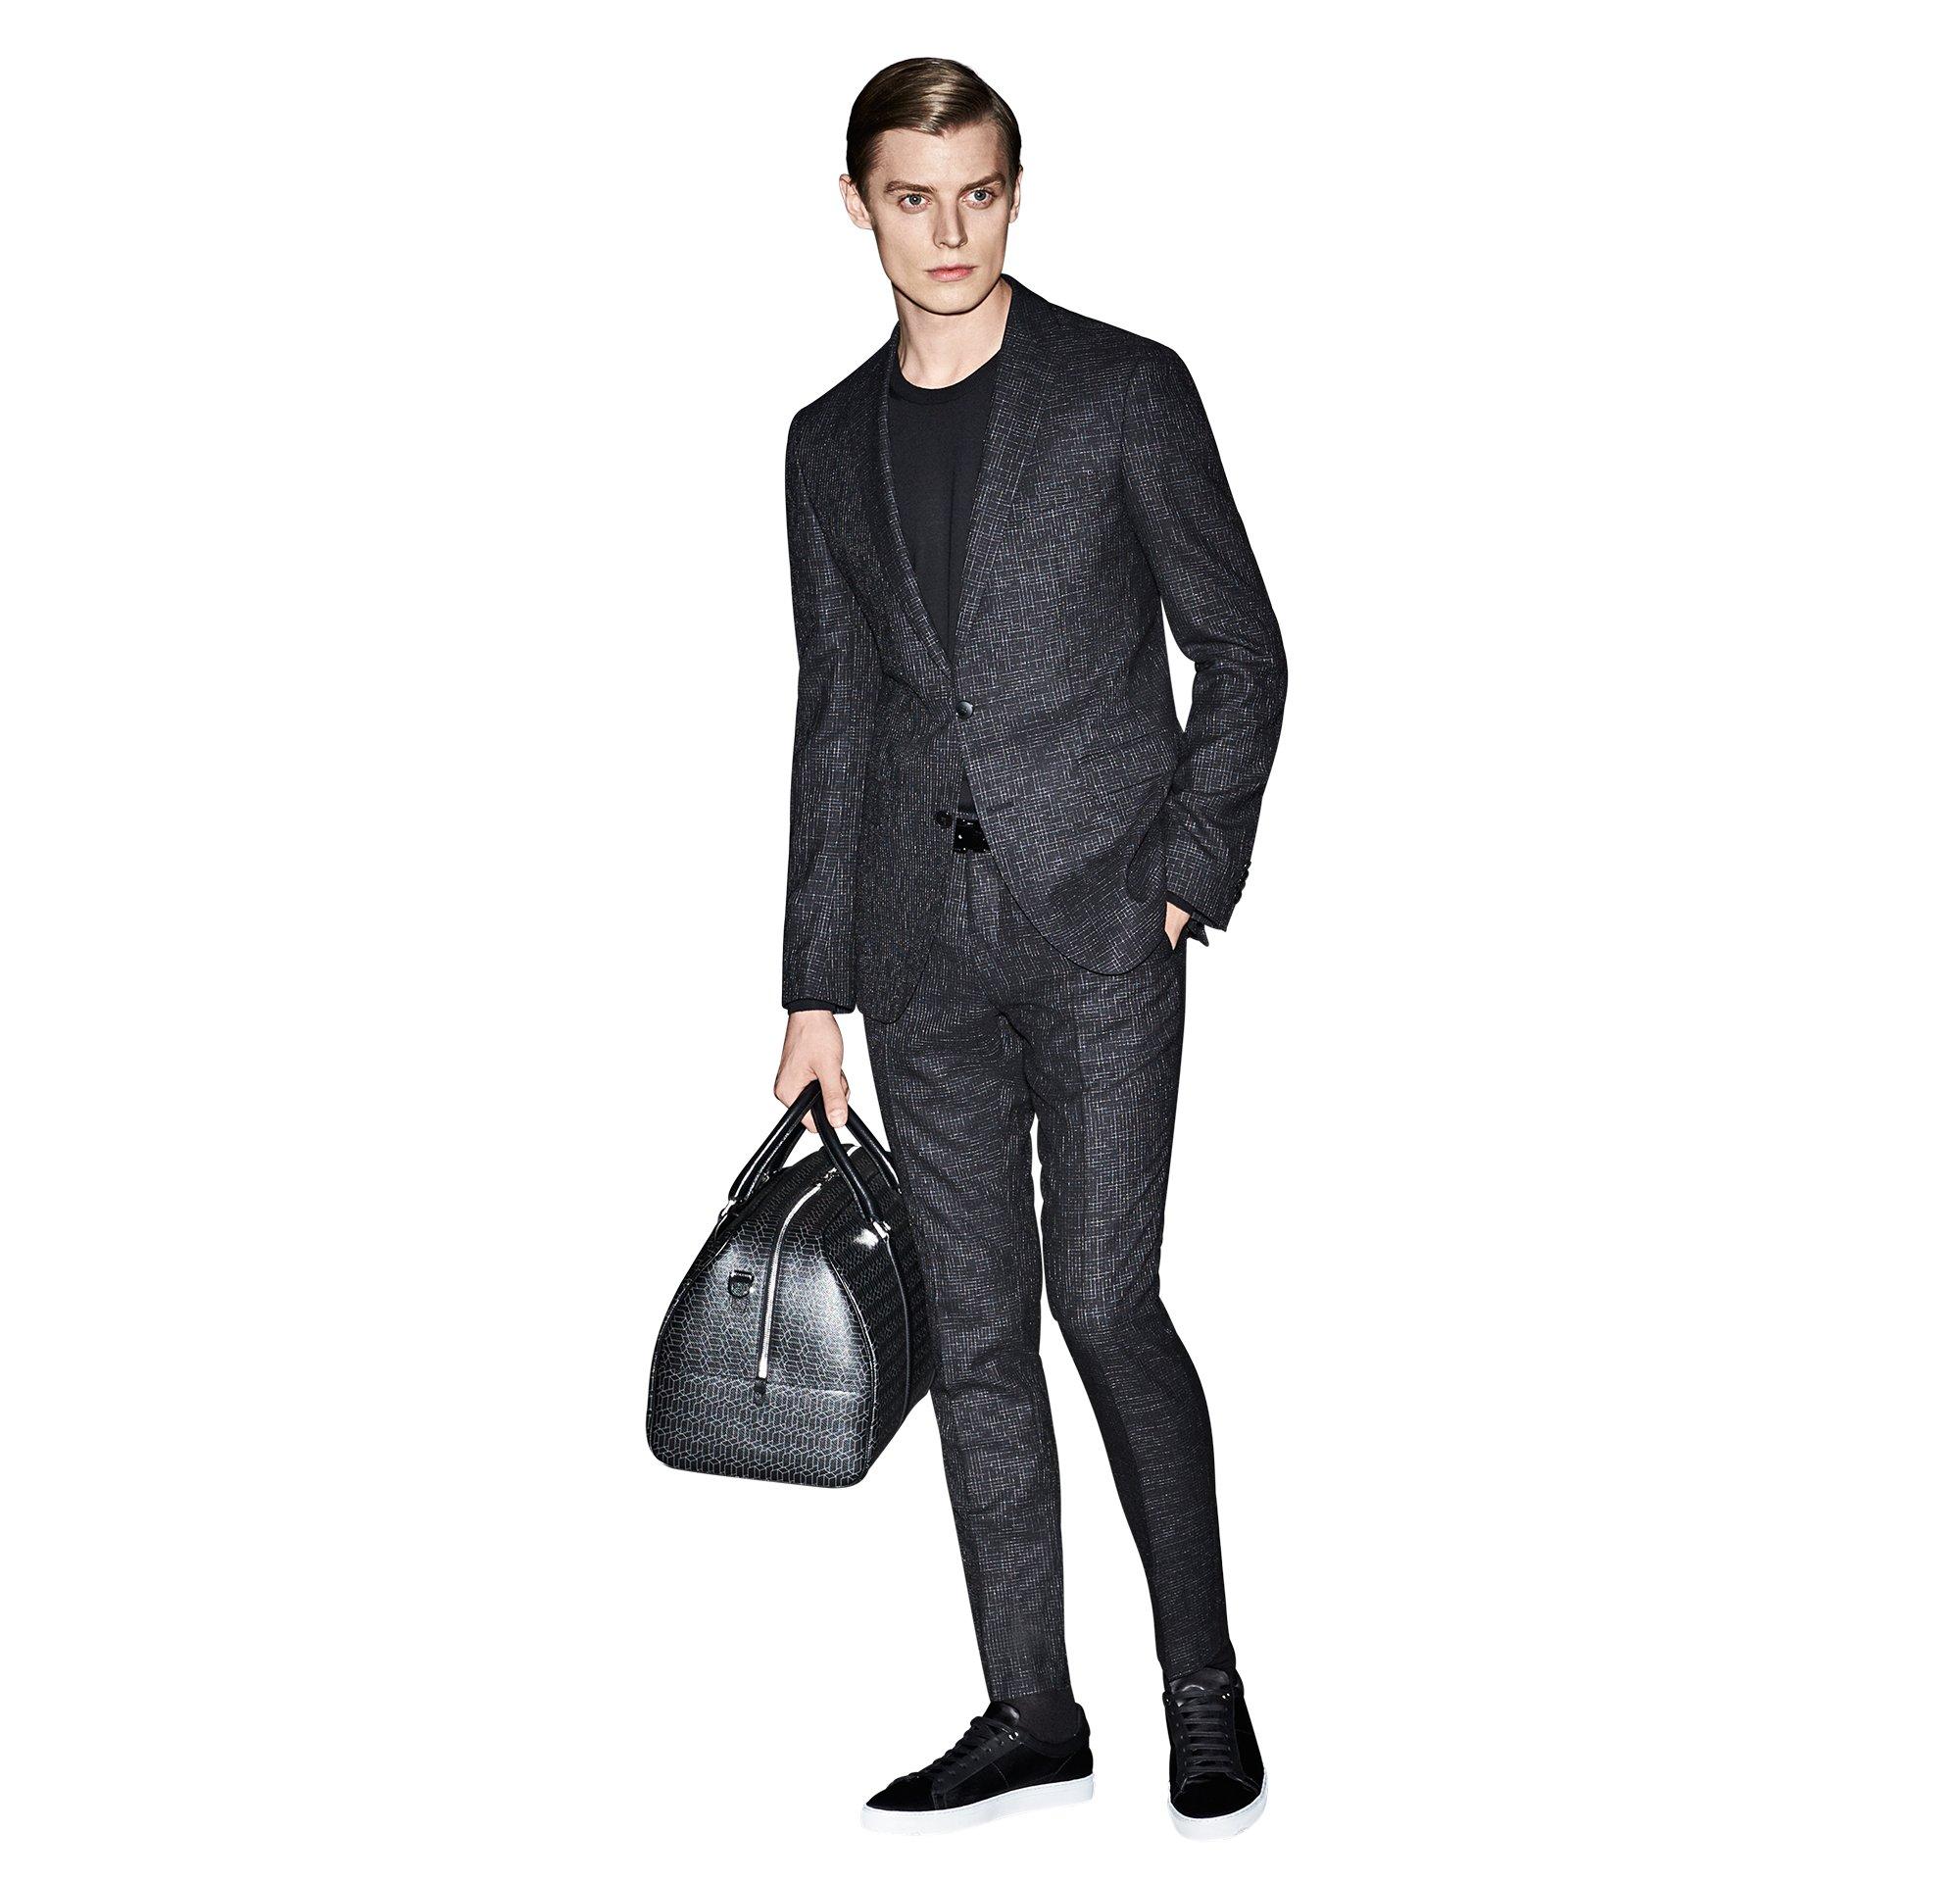 Zwart kostuum, gebreide trui en tas van BOSS